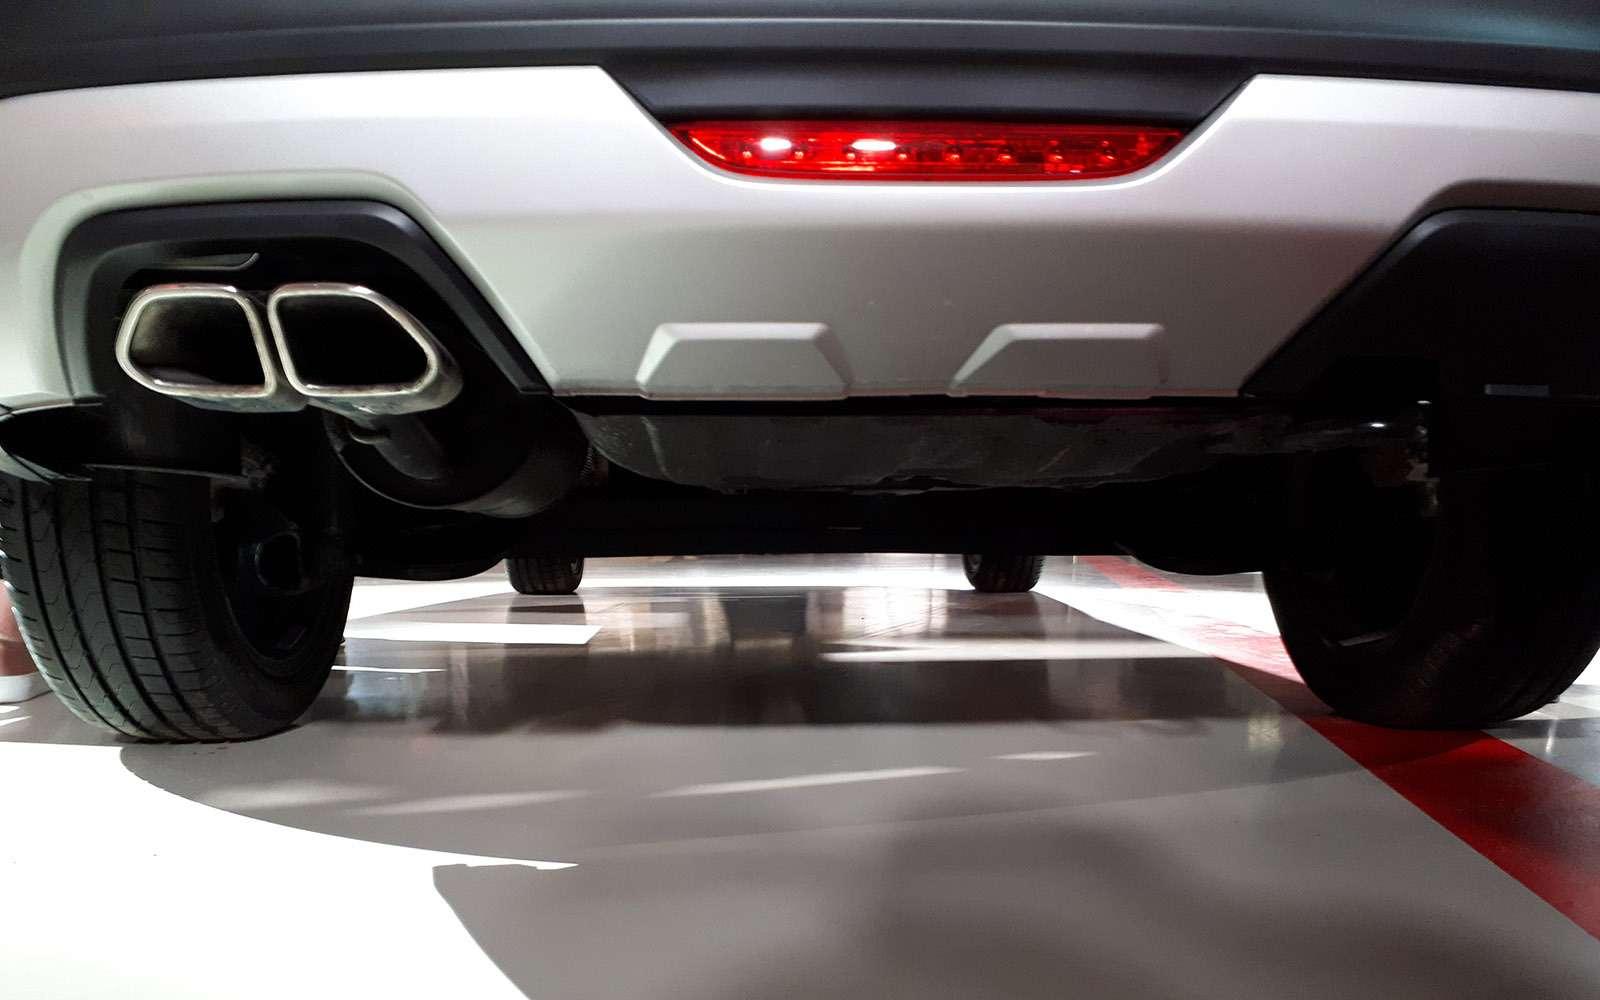 Седан Lada Vesta Cross: производство началось. Когда его ждать впродаже?— фото 863344